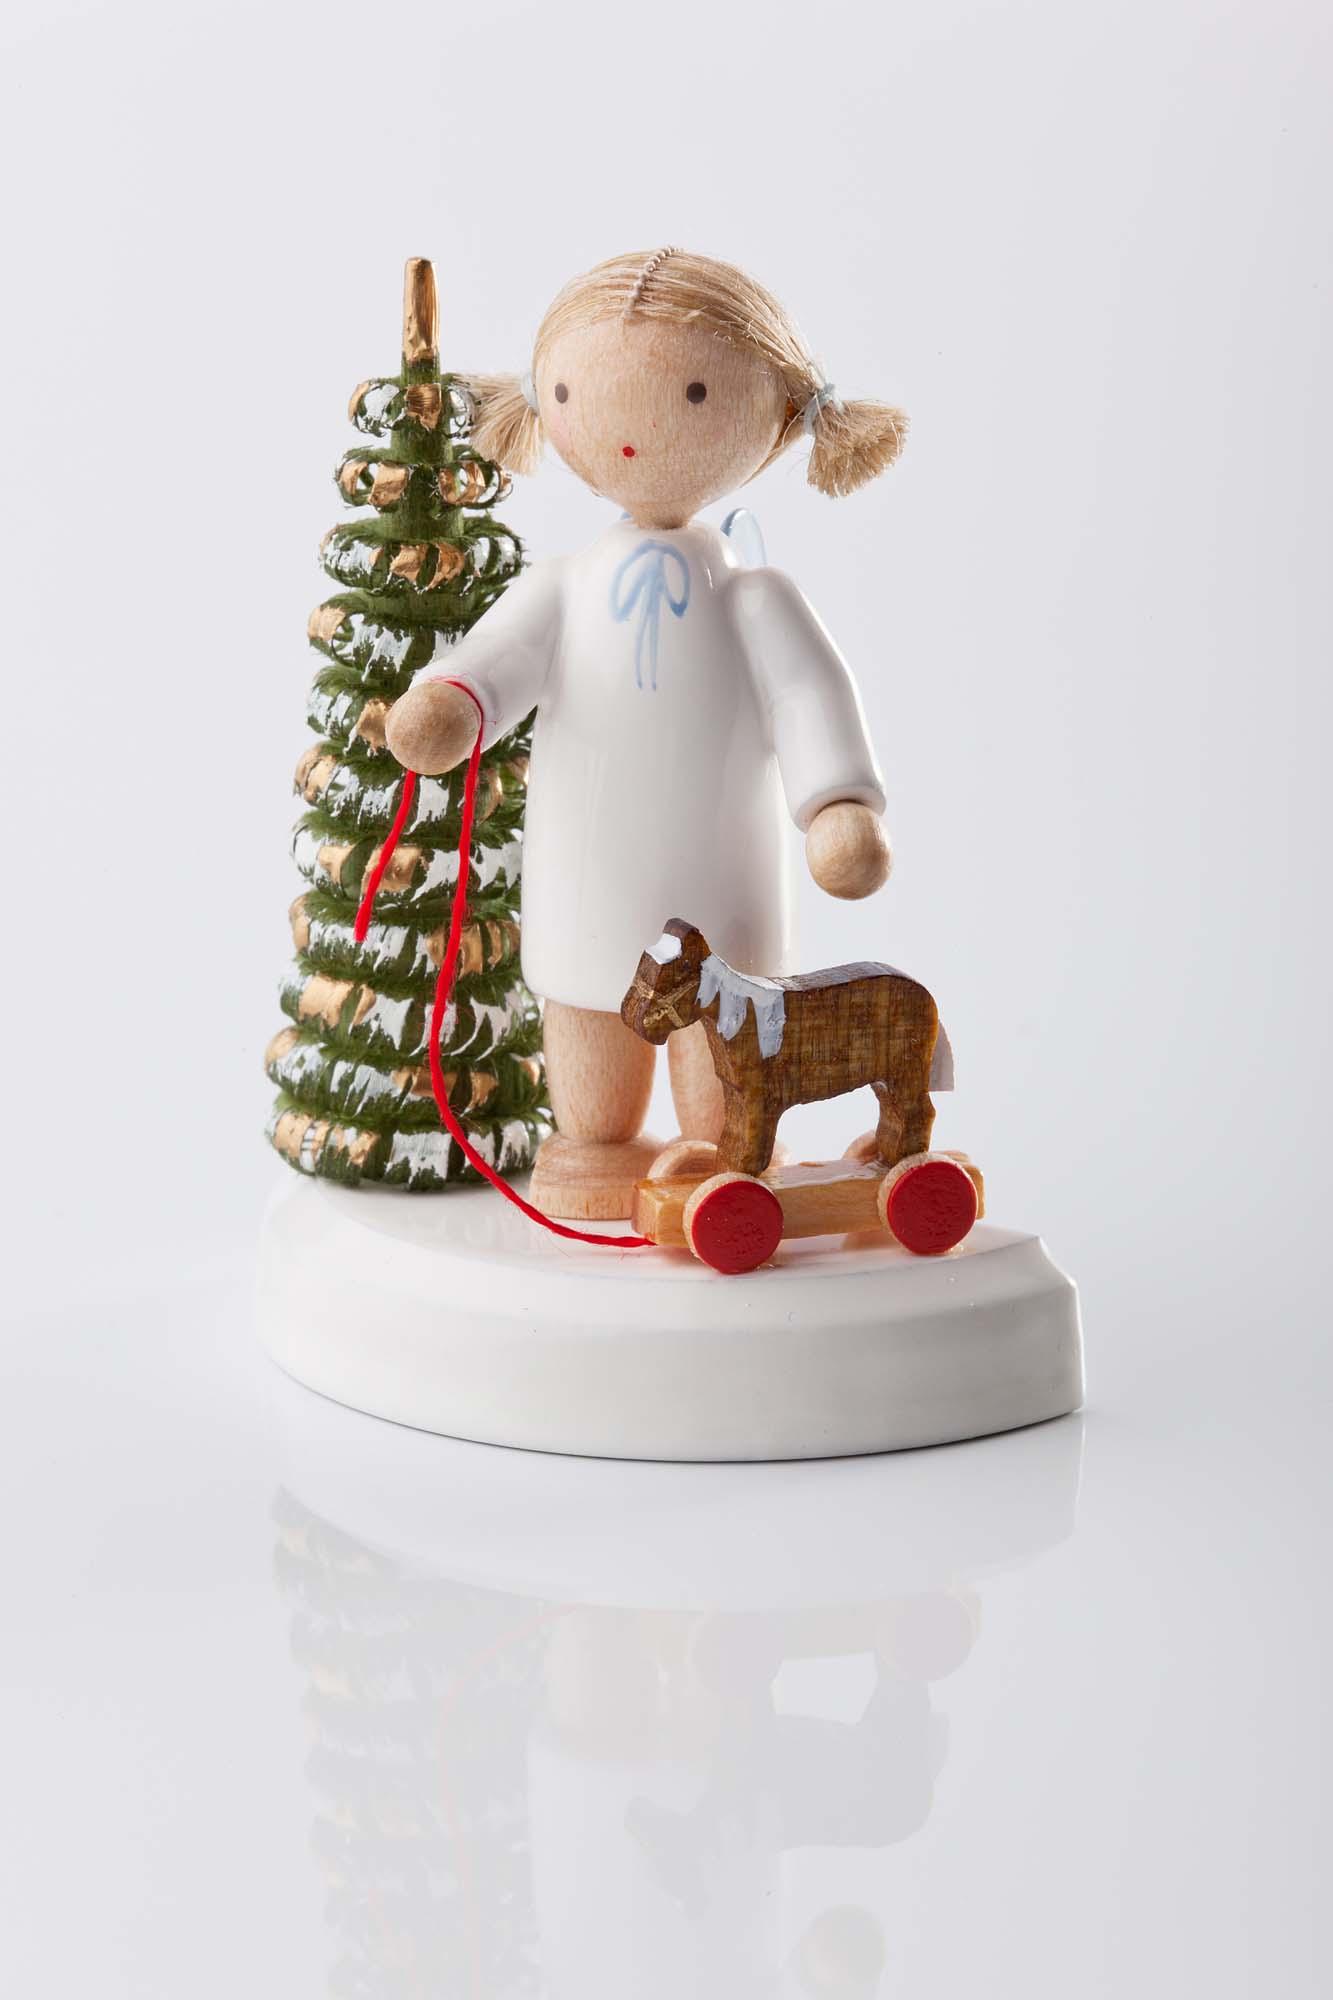 Engel am Weihnachtsbaum mit Pferdchen 6107